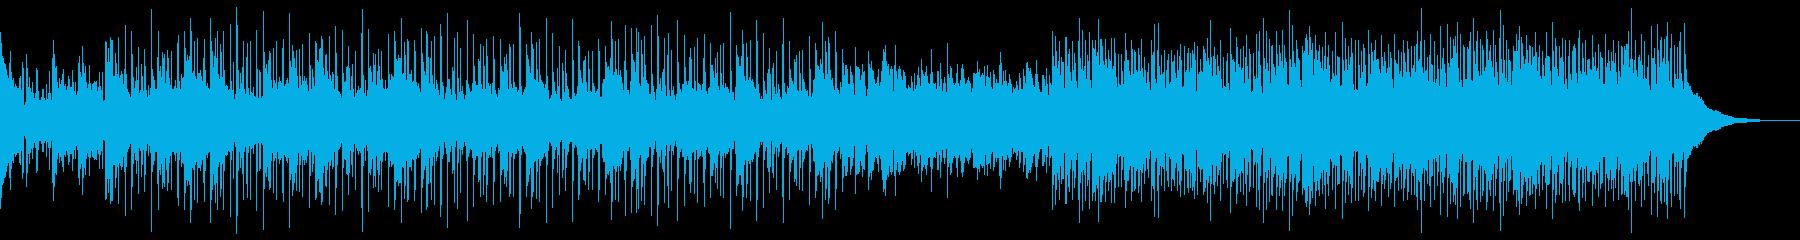 アコースティックでカントリーな曲の再生済みの波形